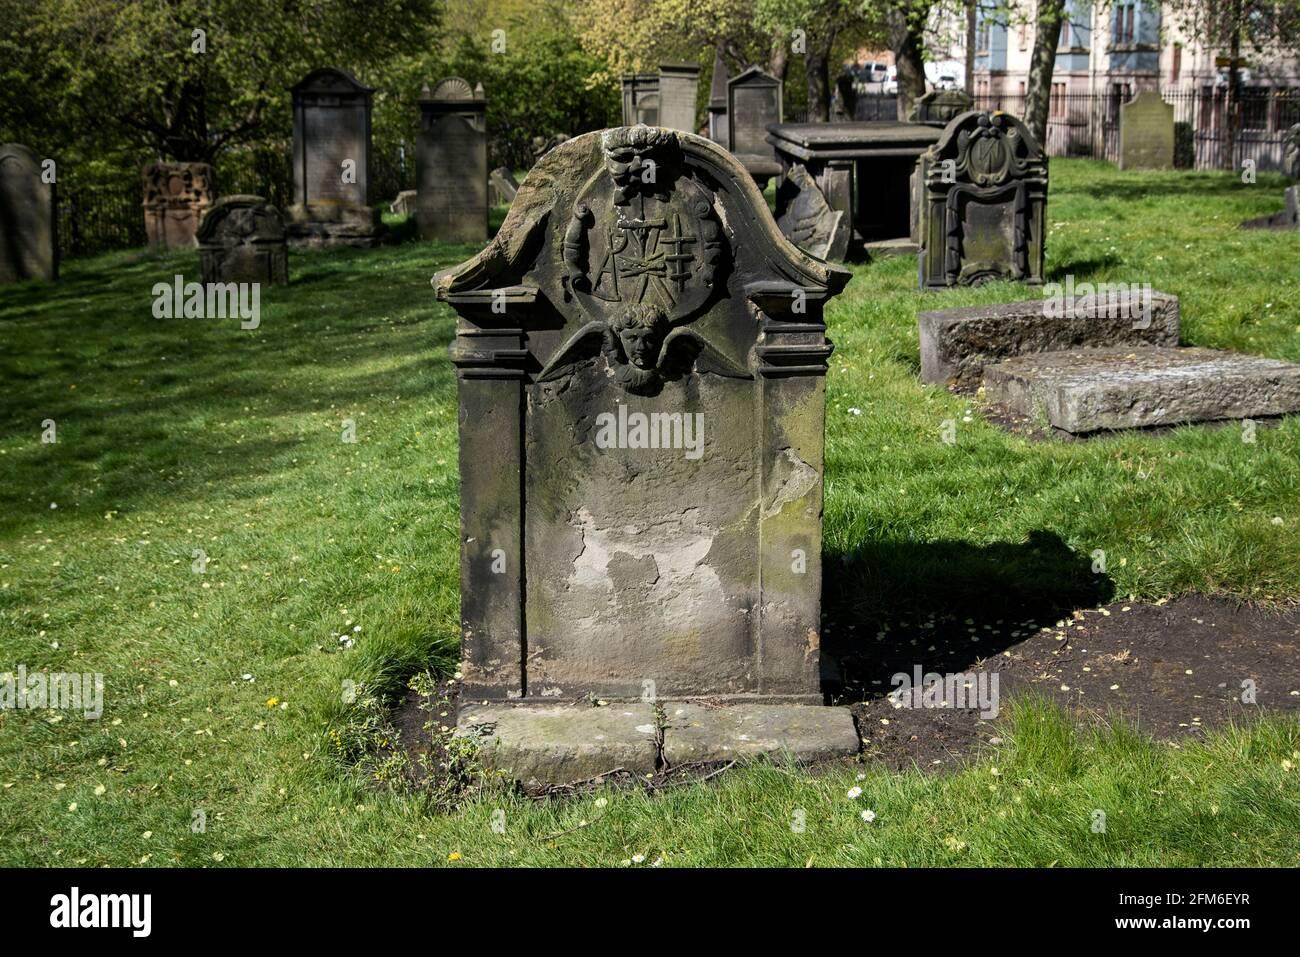 Grabstein aus dem 18. Jahrhundert in North Leith, Edinburgh, Schottland, Großbritannien. Stockfoto